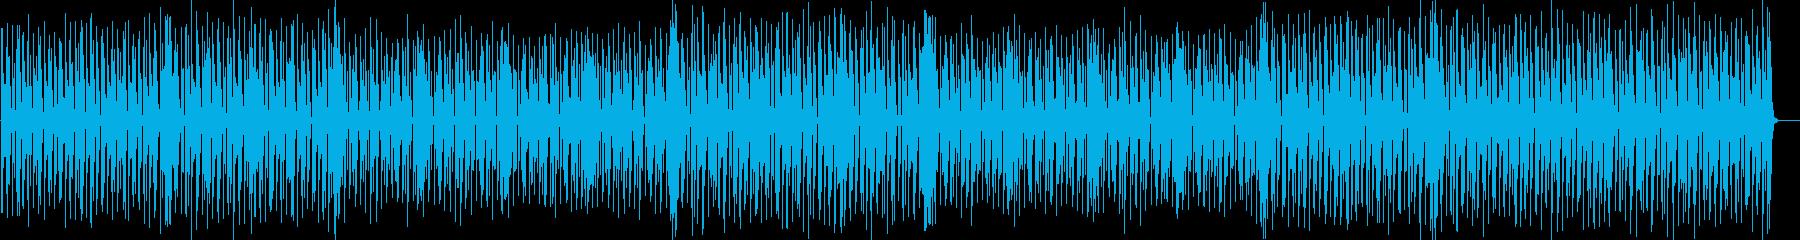 跳ねるグルーヴのエレクトロポップの再生済みの波形